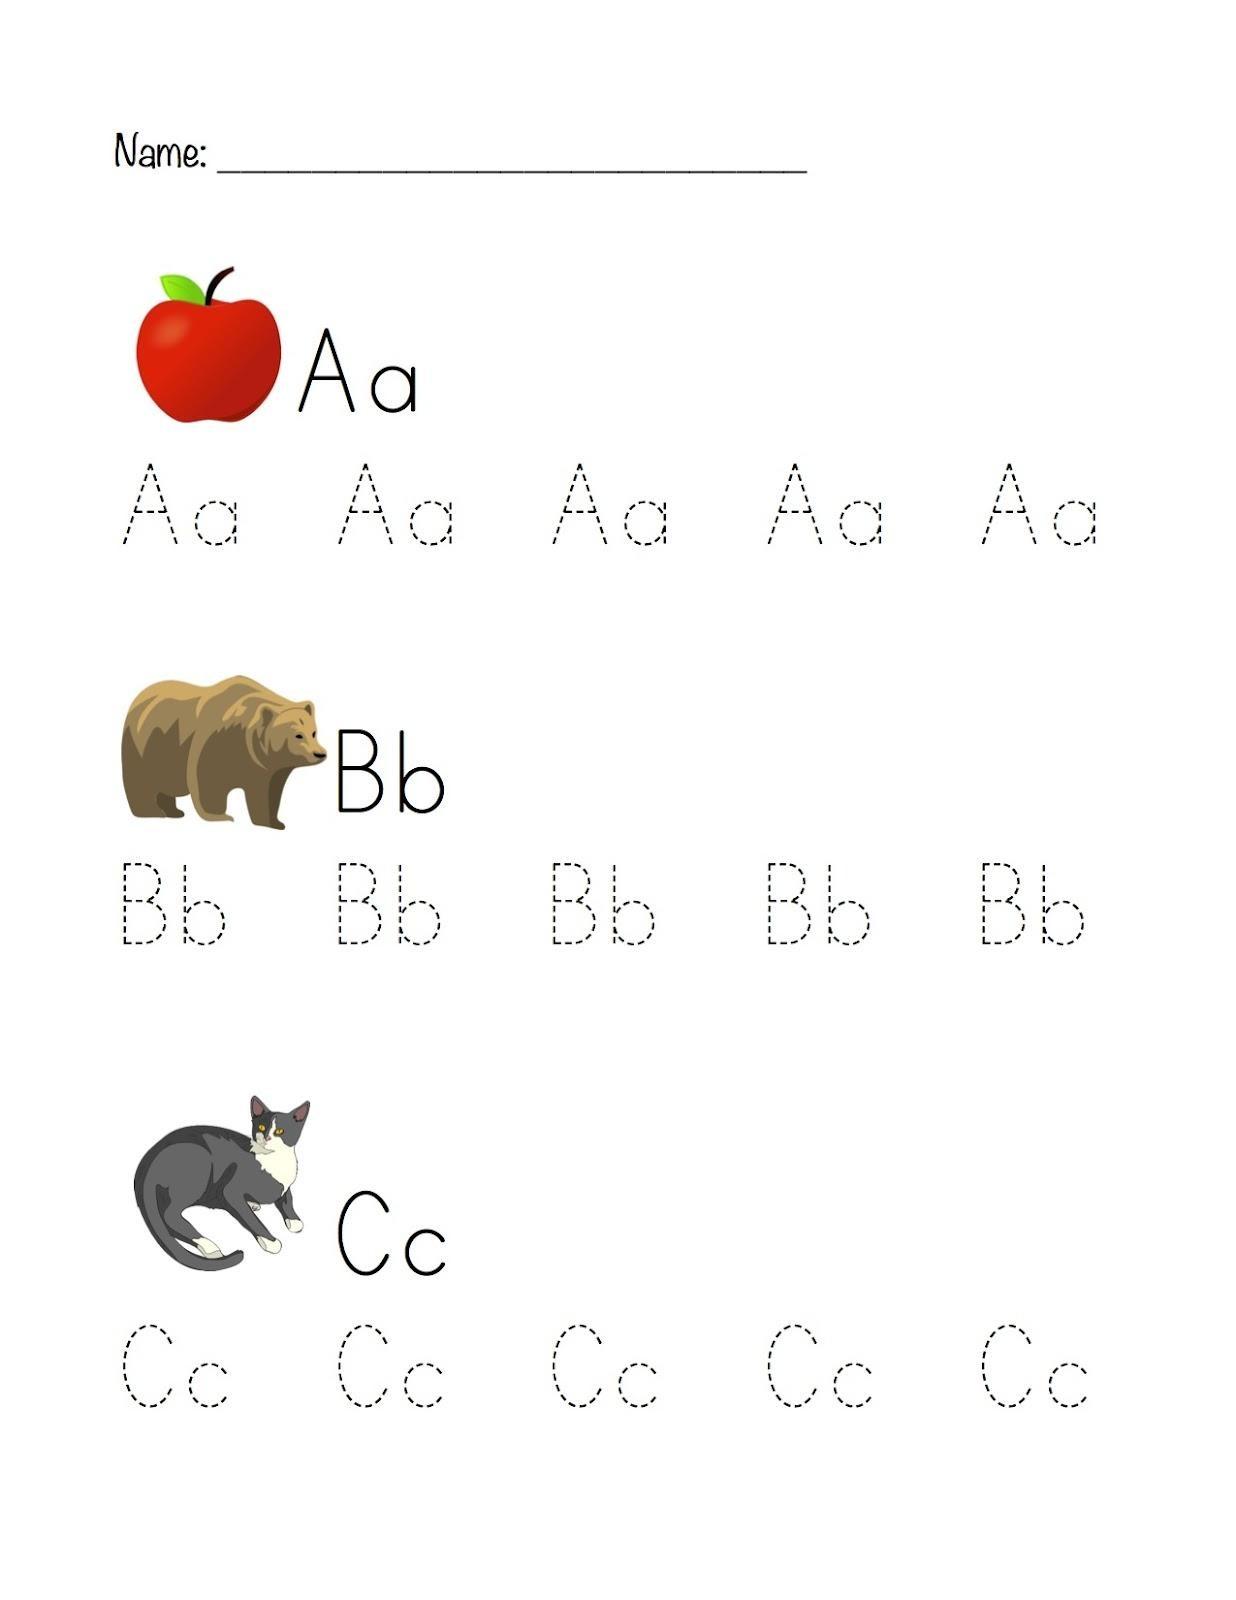 Abc Tracing Worksheets For Kindergarten 5 Letter Worksheets